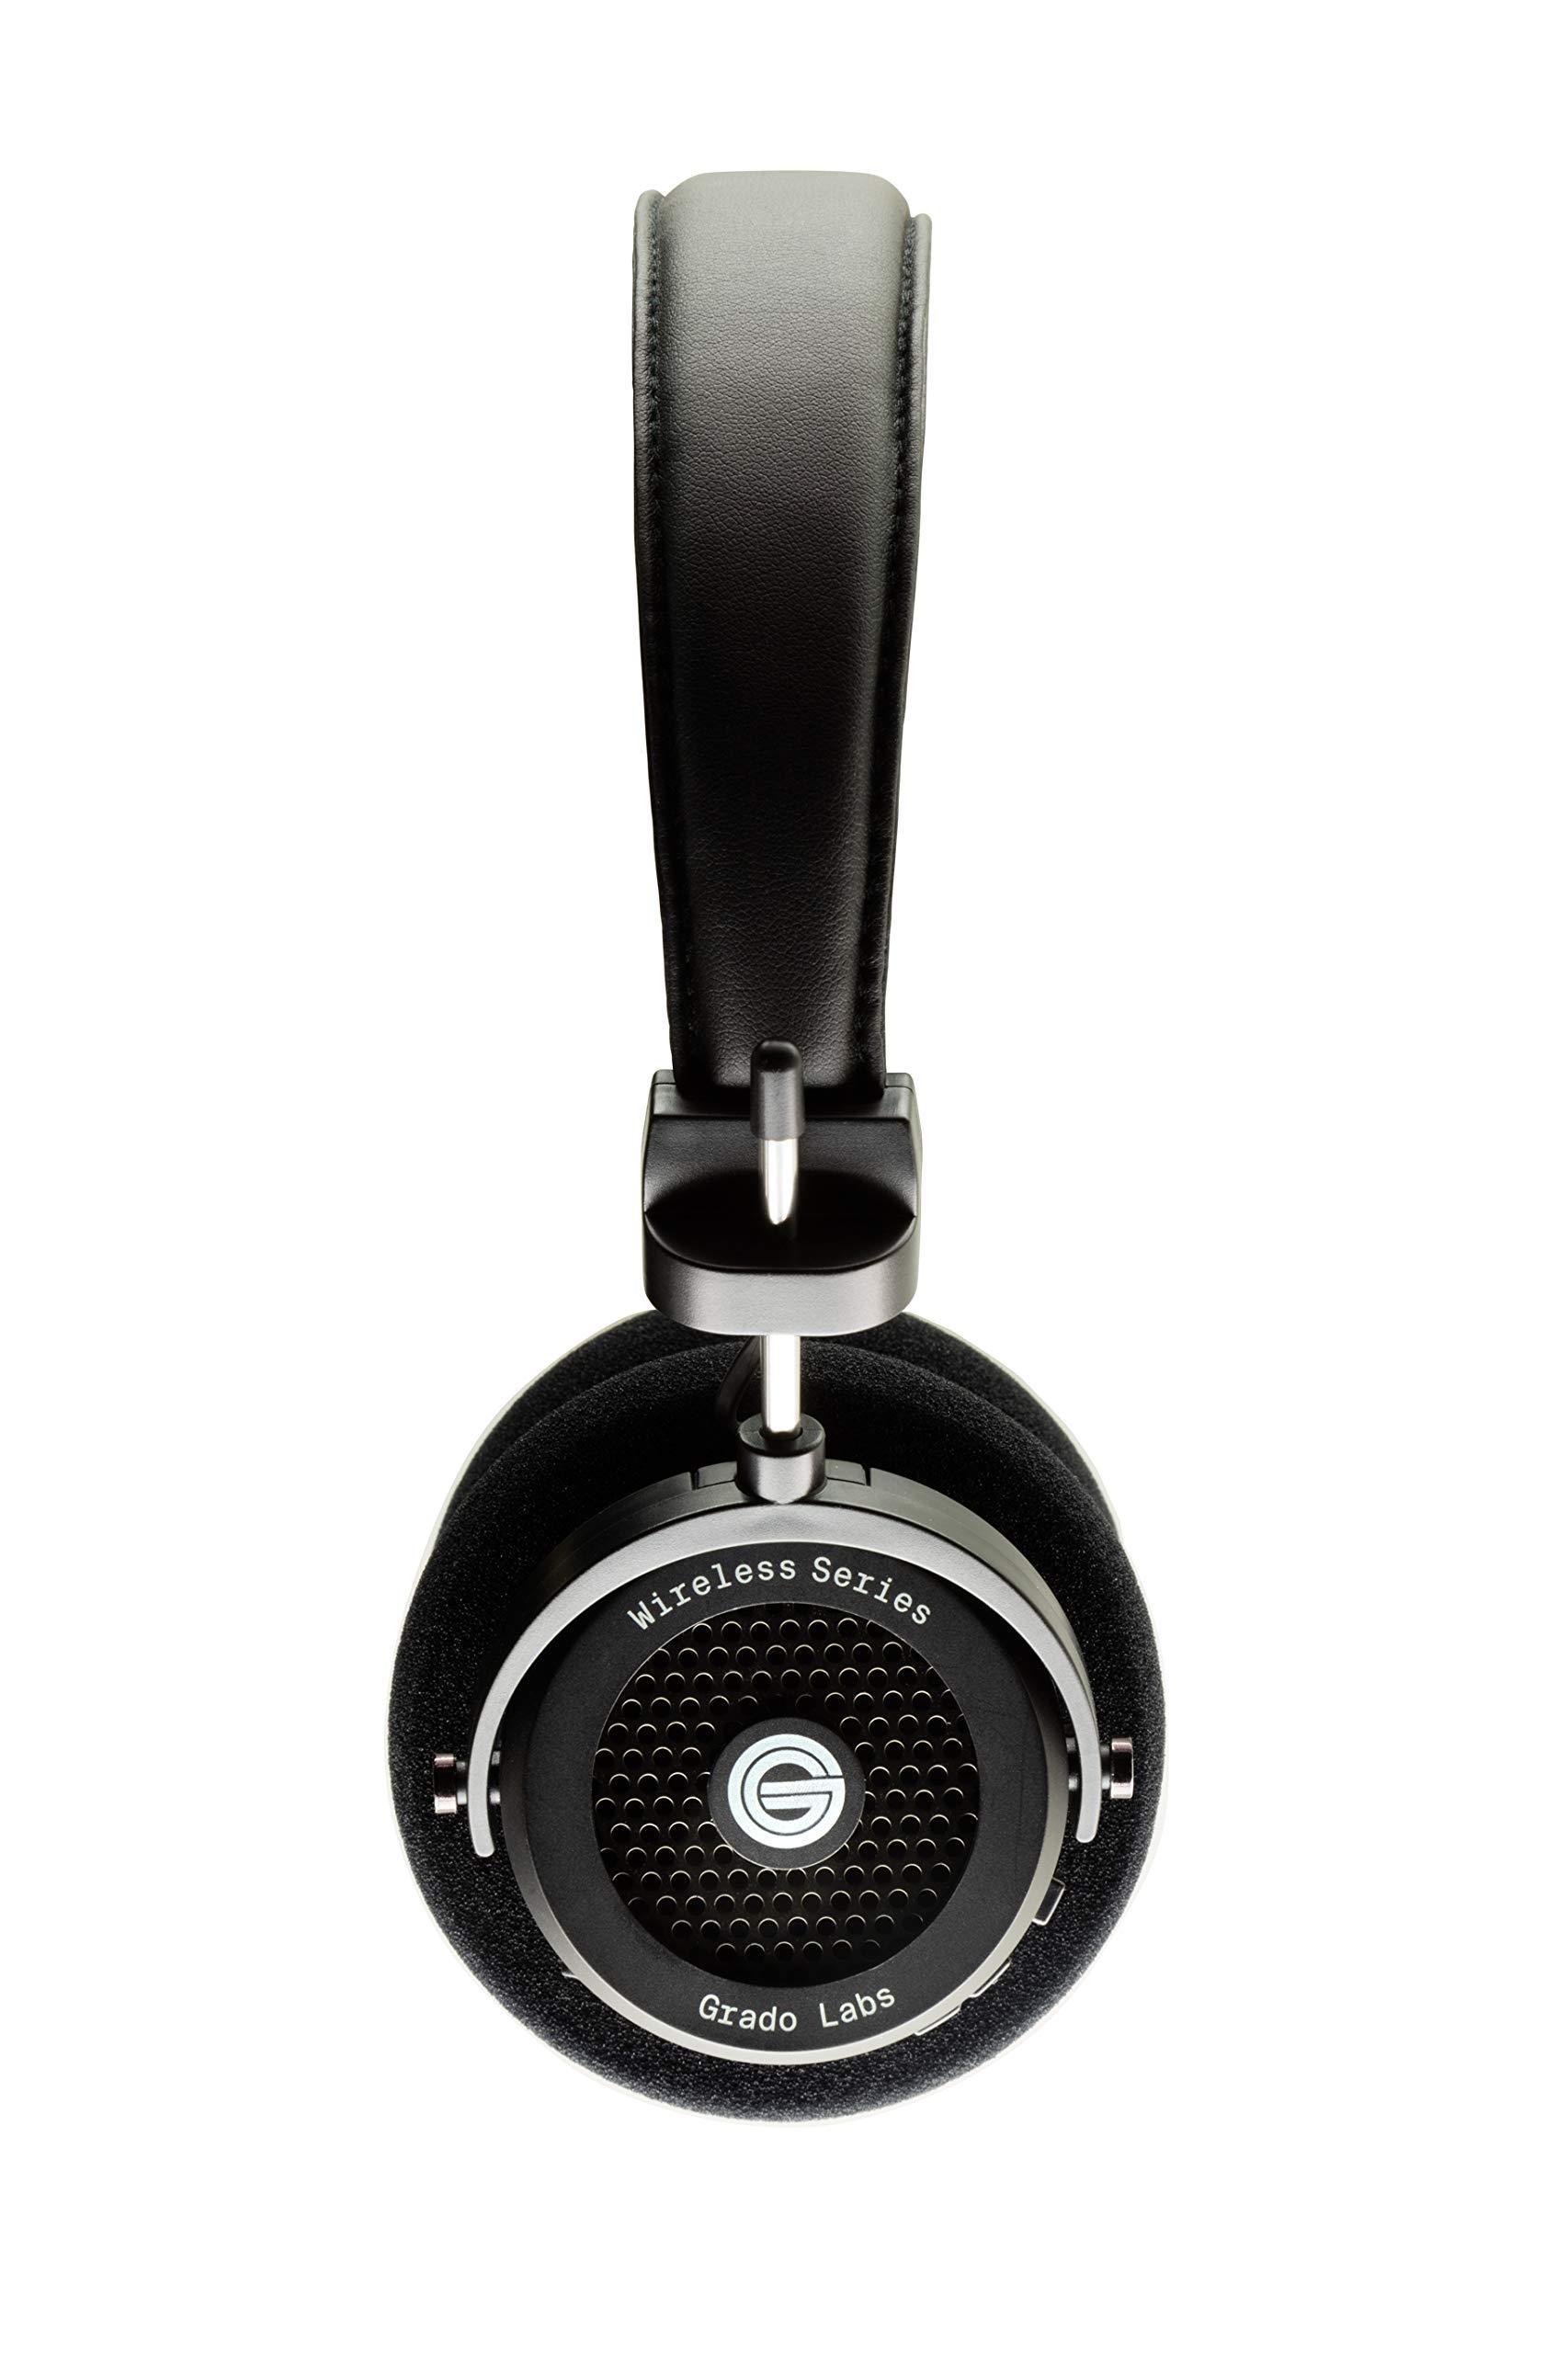 GRADO GW100 Wireless Bluetooth Headphones - Open Back and On Ear by Grado (Image #3)